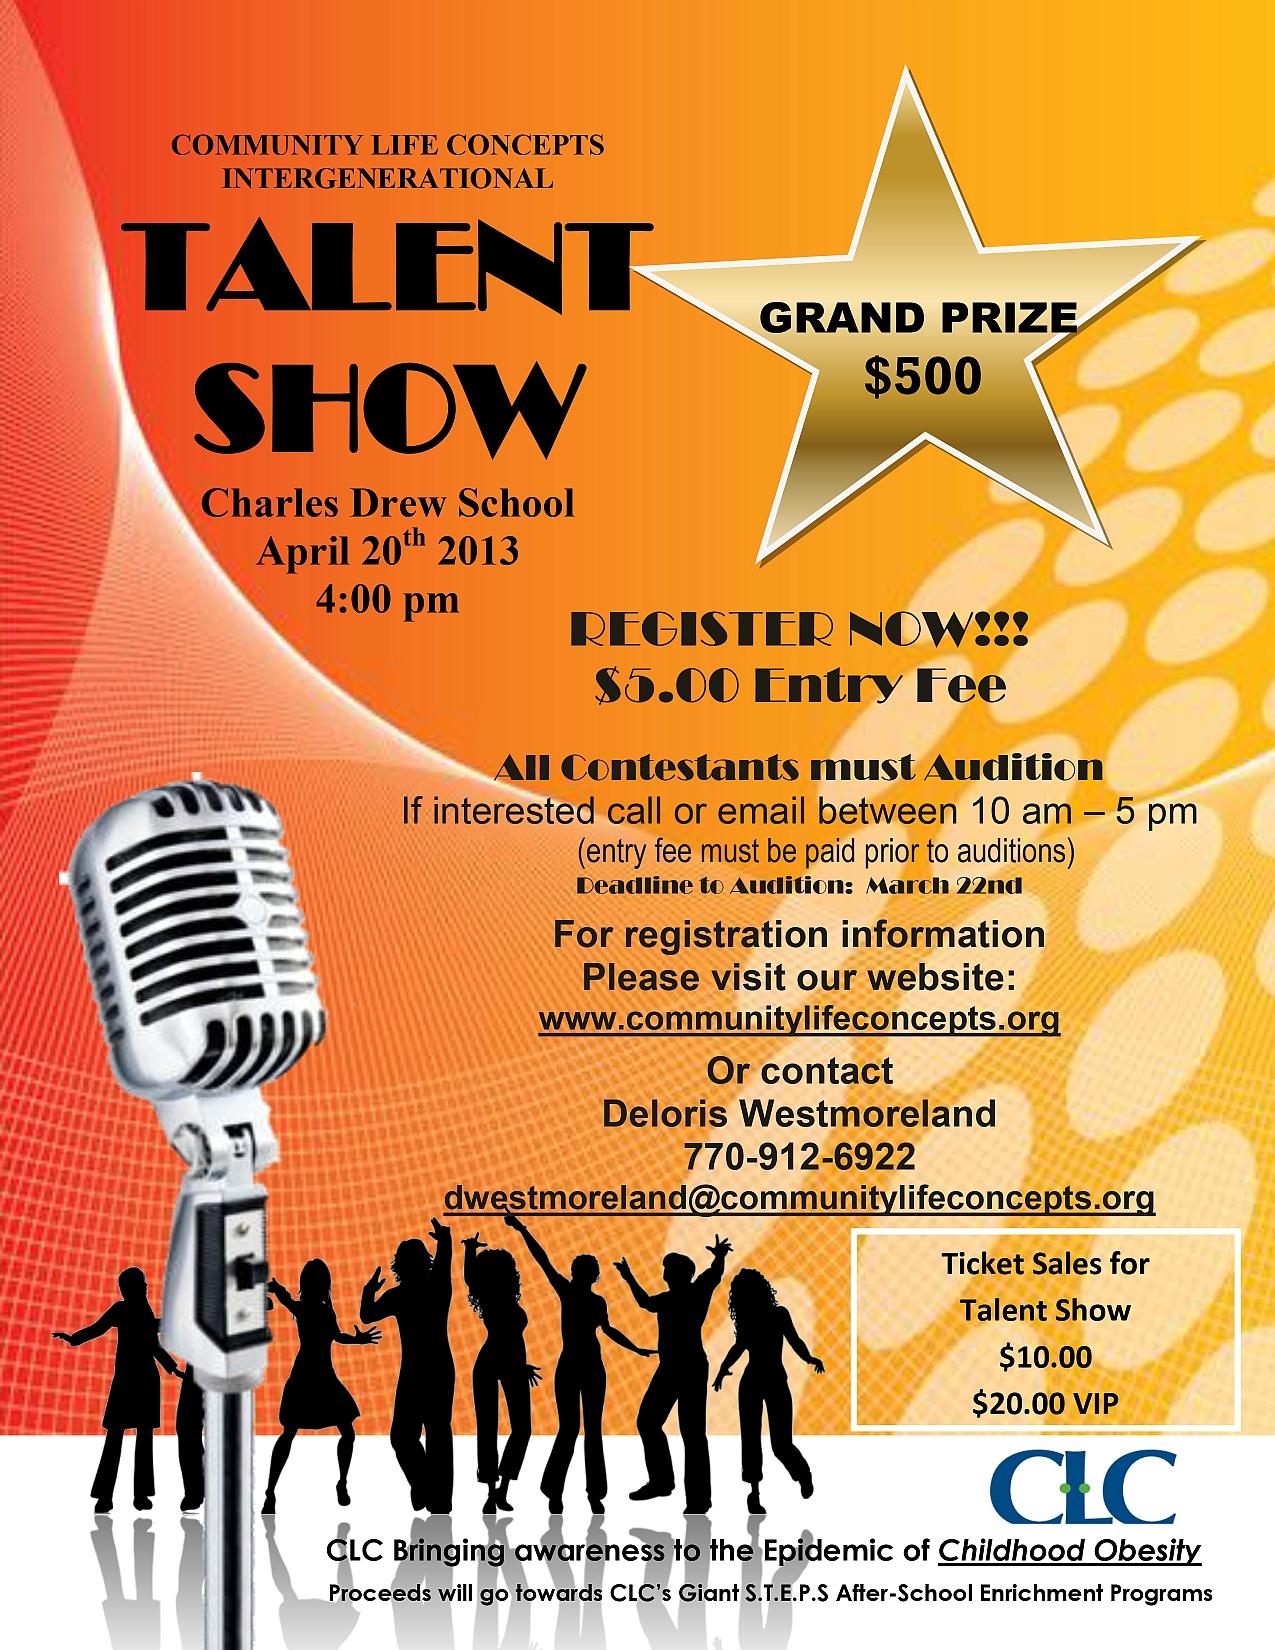 Talent Show Quotes. QuotesGram